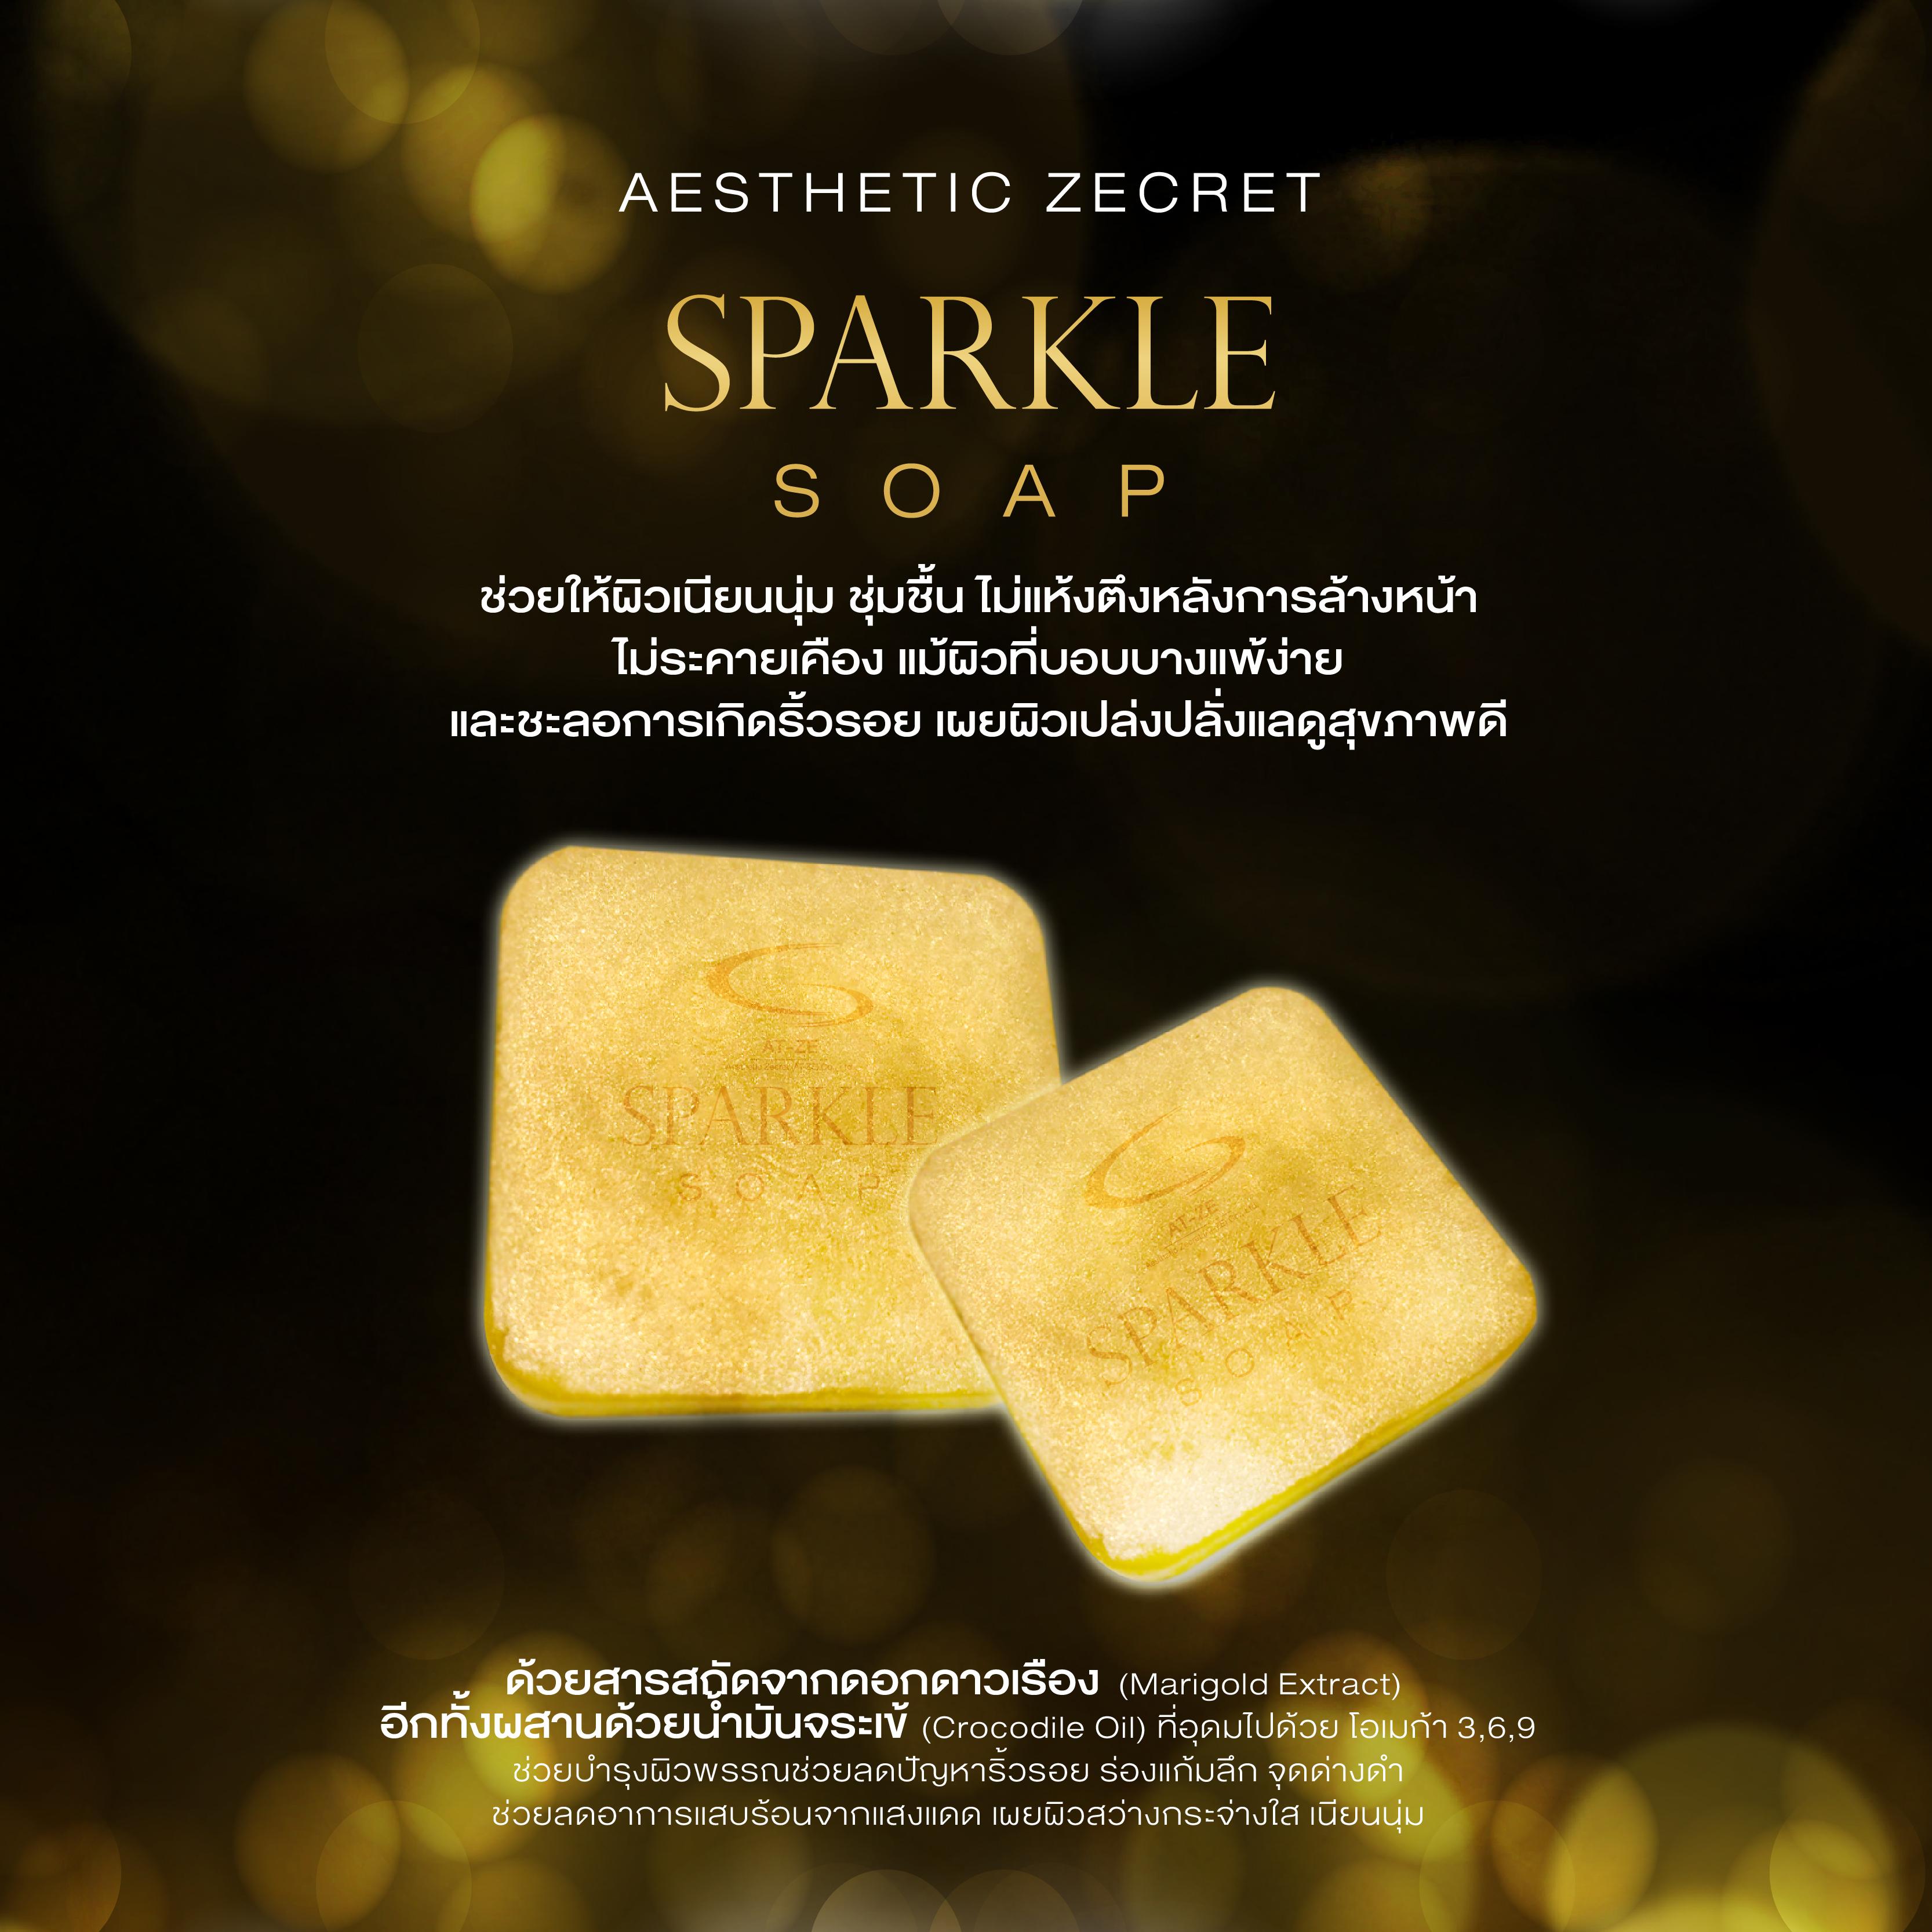 SPARKLE SOAP